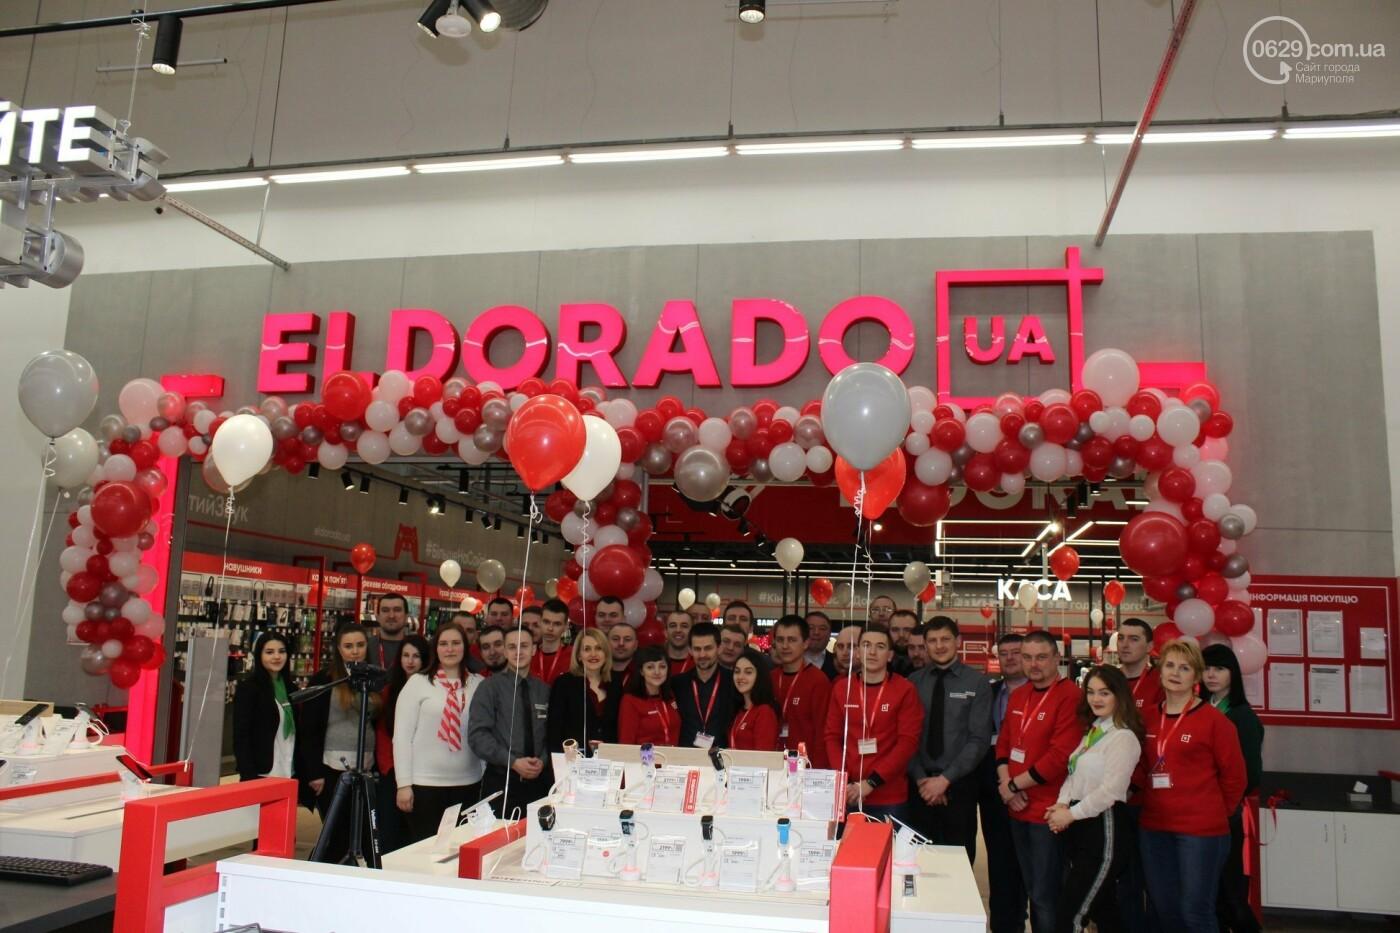 Акции и скидки от Eldorado в мариупольских магазинах, фото-2